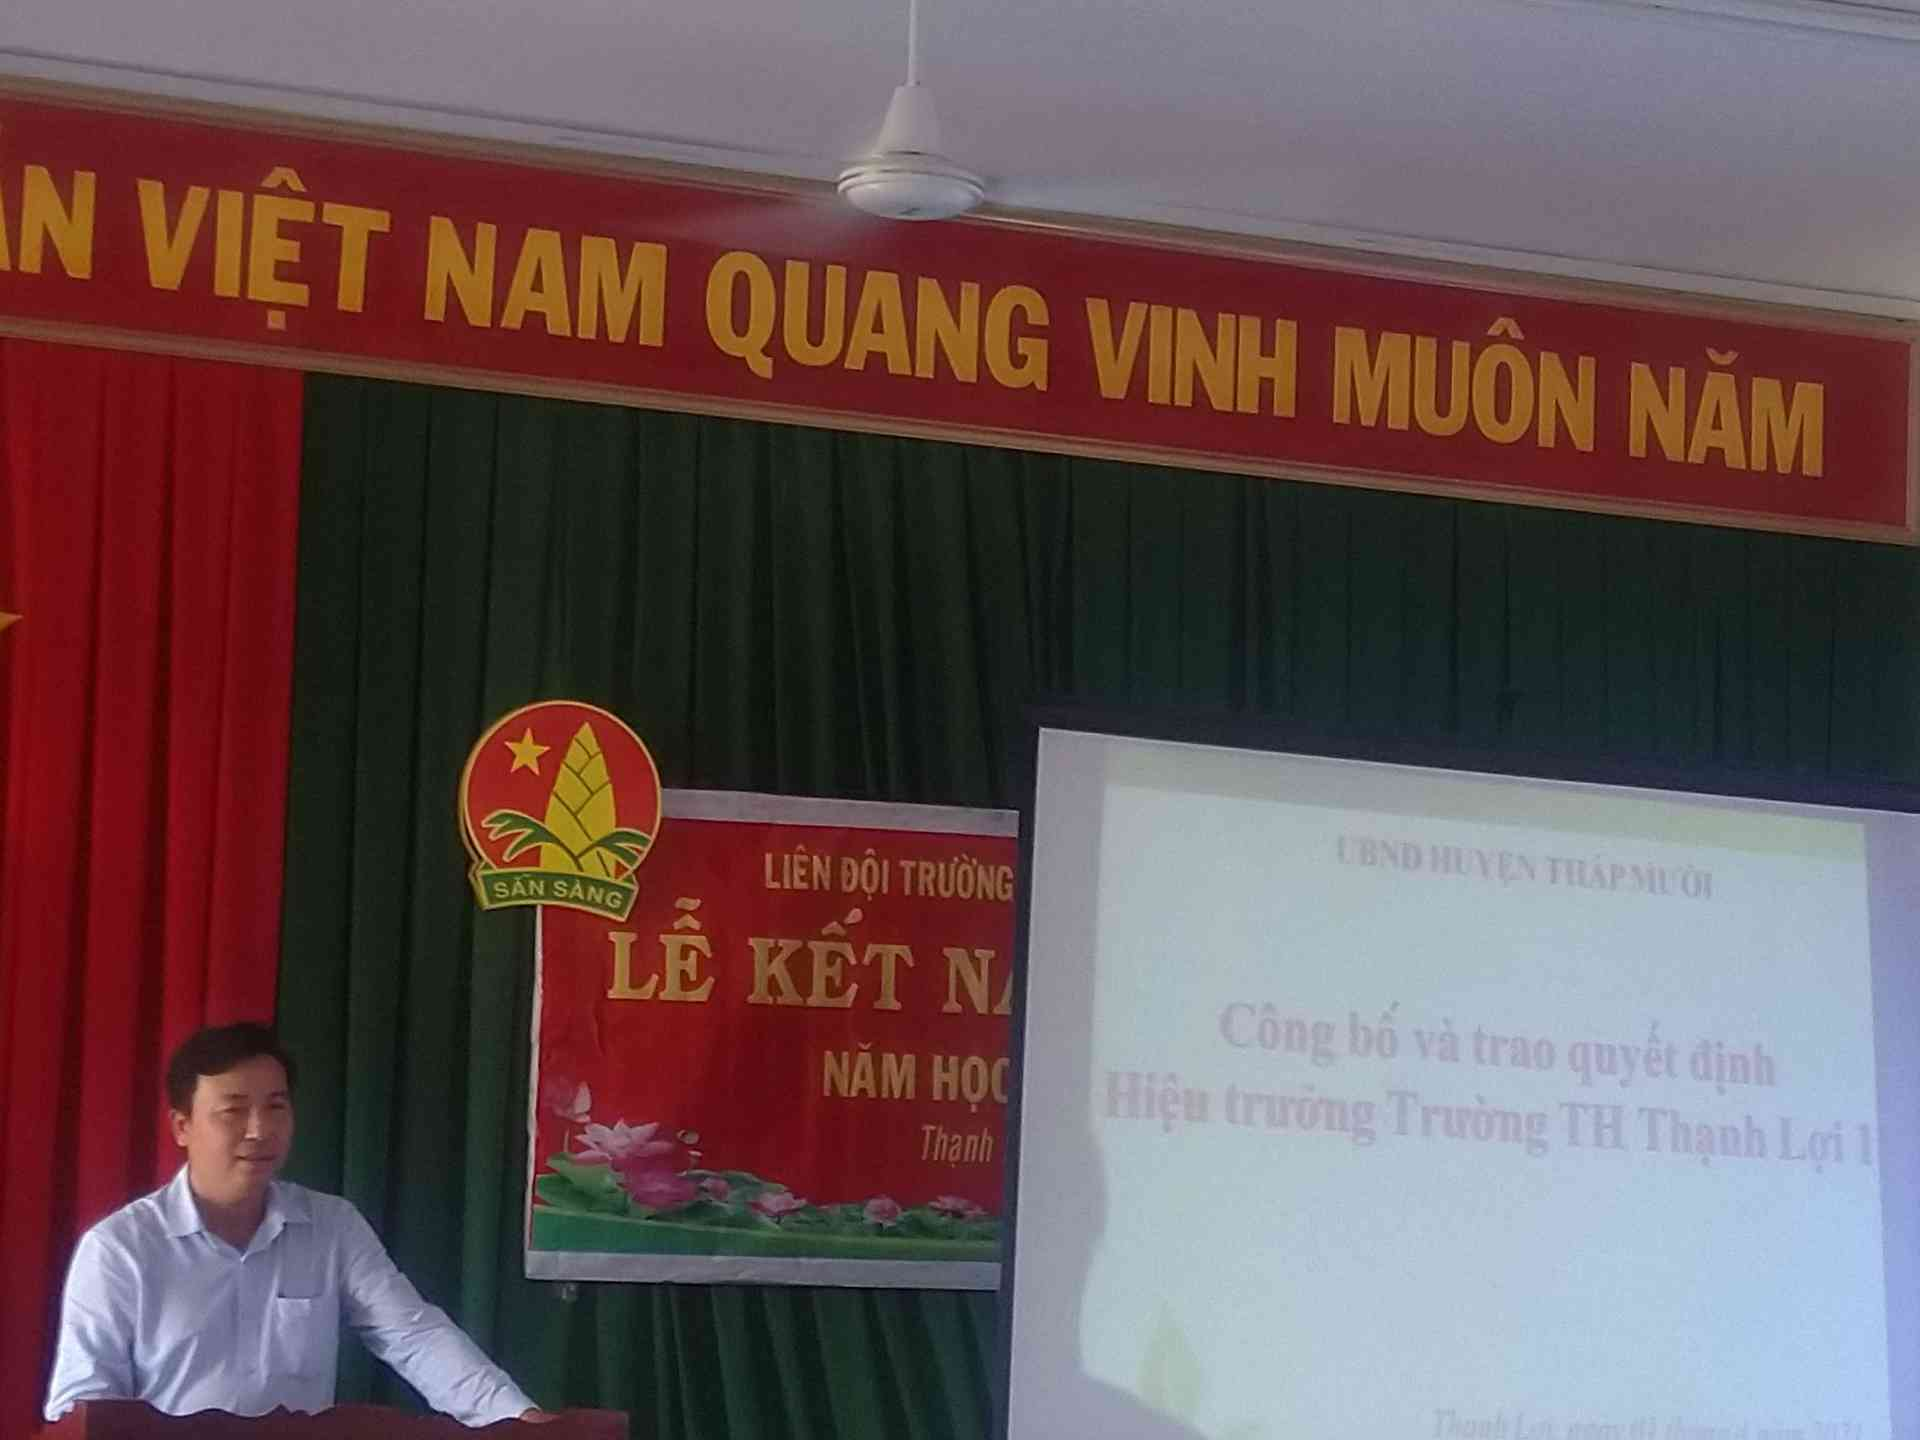 Thầy Ngô Thanh Sang - Trưởng phòng GD huyện Tháp Mười phát biểu và chỉ đạo tại hội nghị trao quyết định hiệu trưởng.